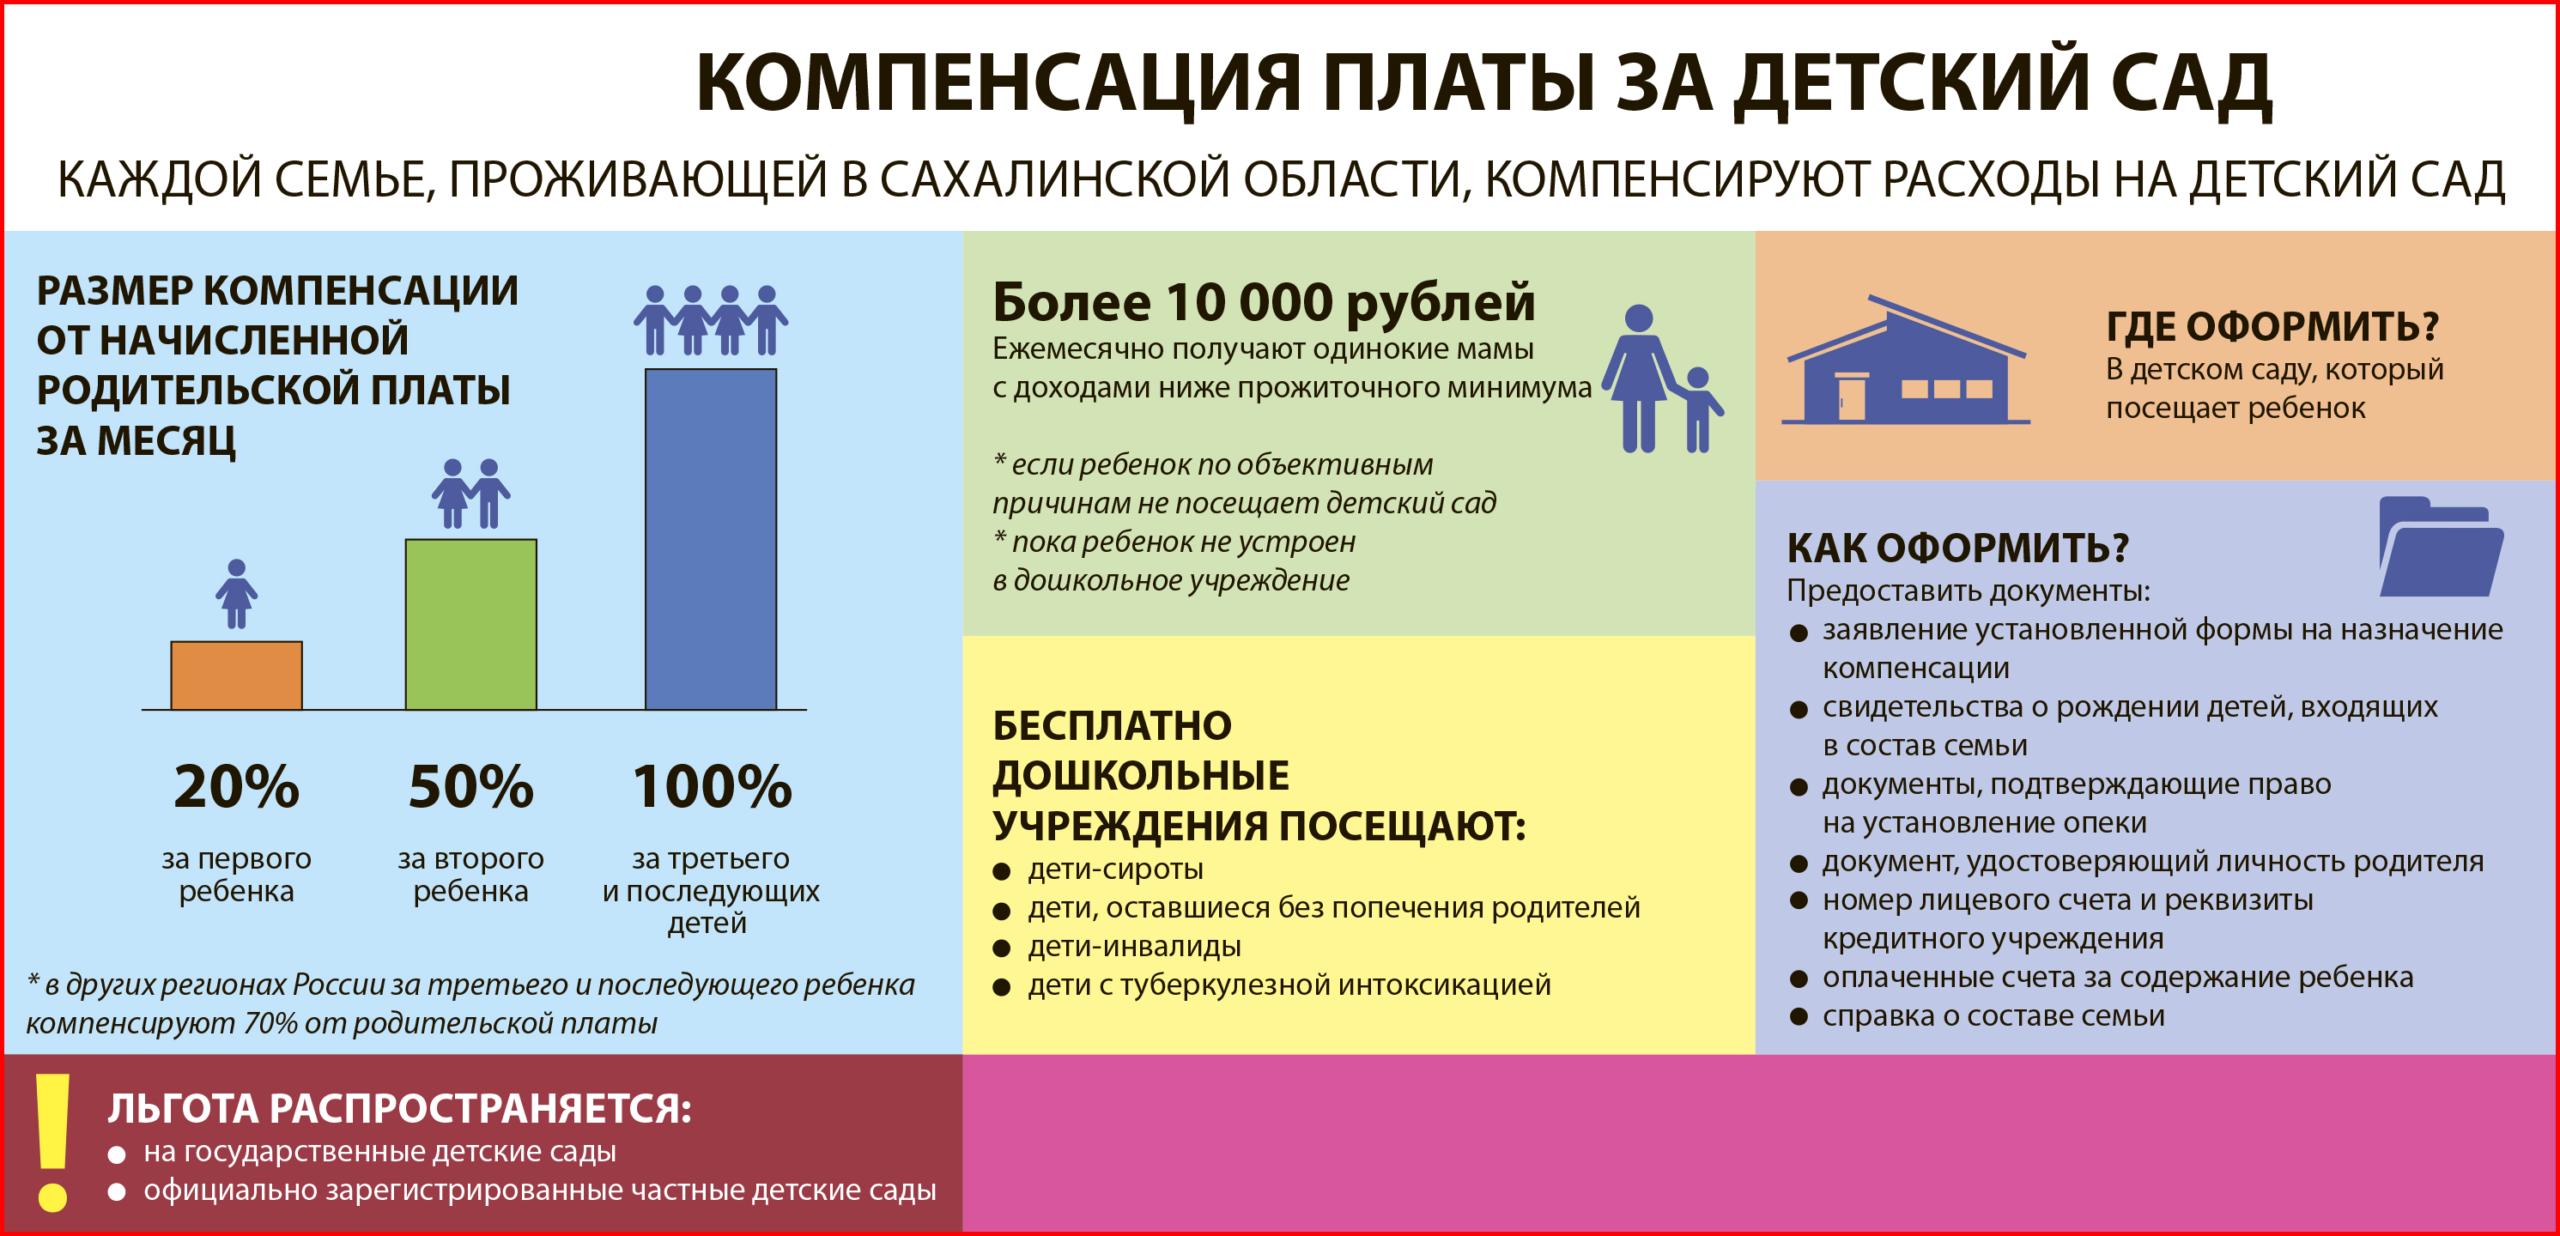 Компенсация за место в детском саду 2020